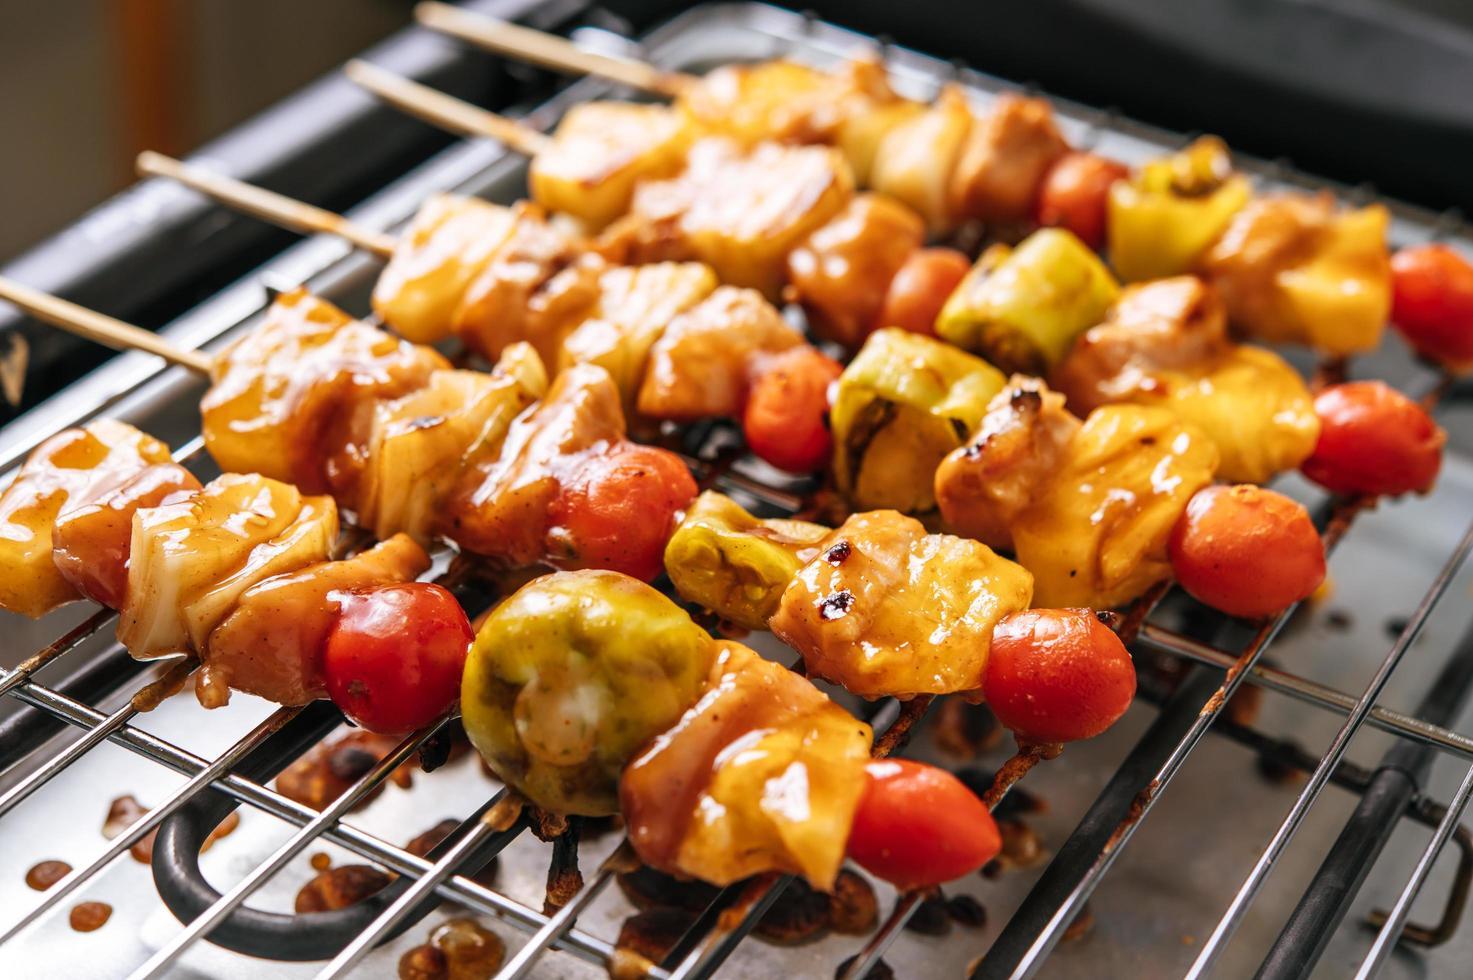 barbecue avec une variété de viandes, tomates et poivrons photo